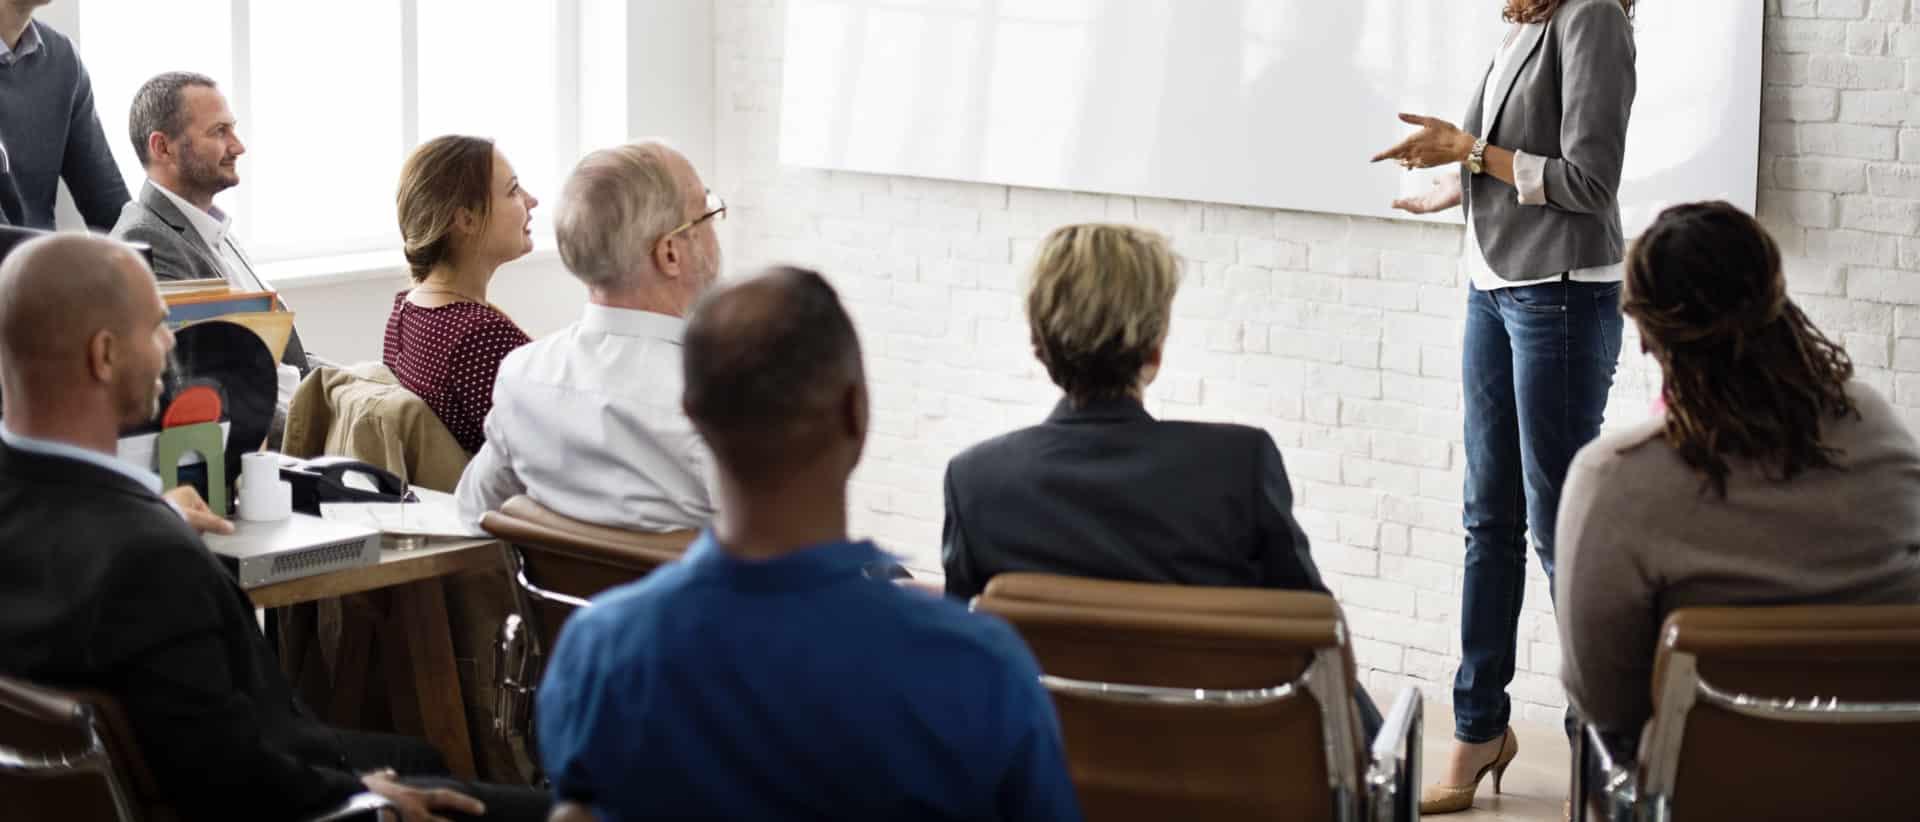 LEA Ejendomspartner A/S Inviterer Til Gå-Hjem-Møde